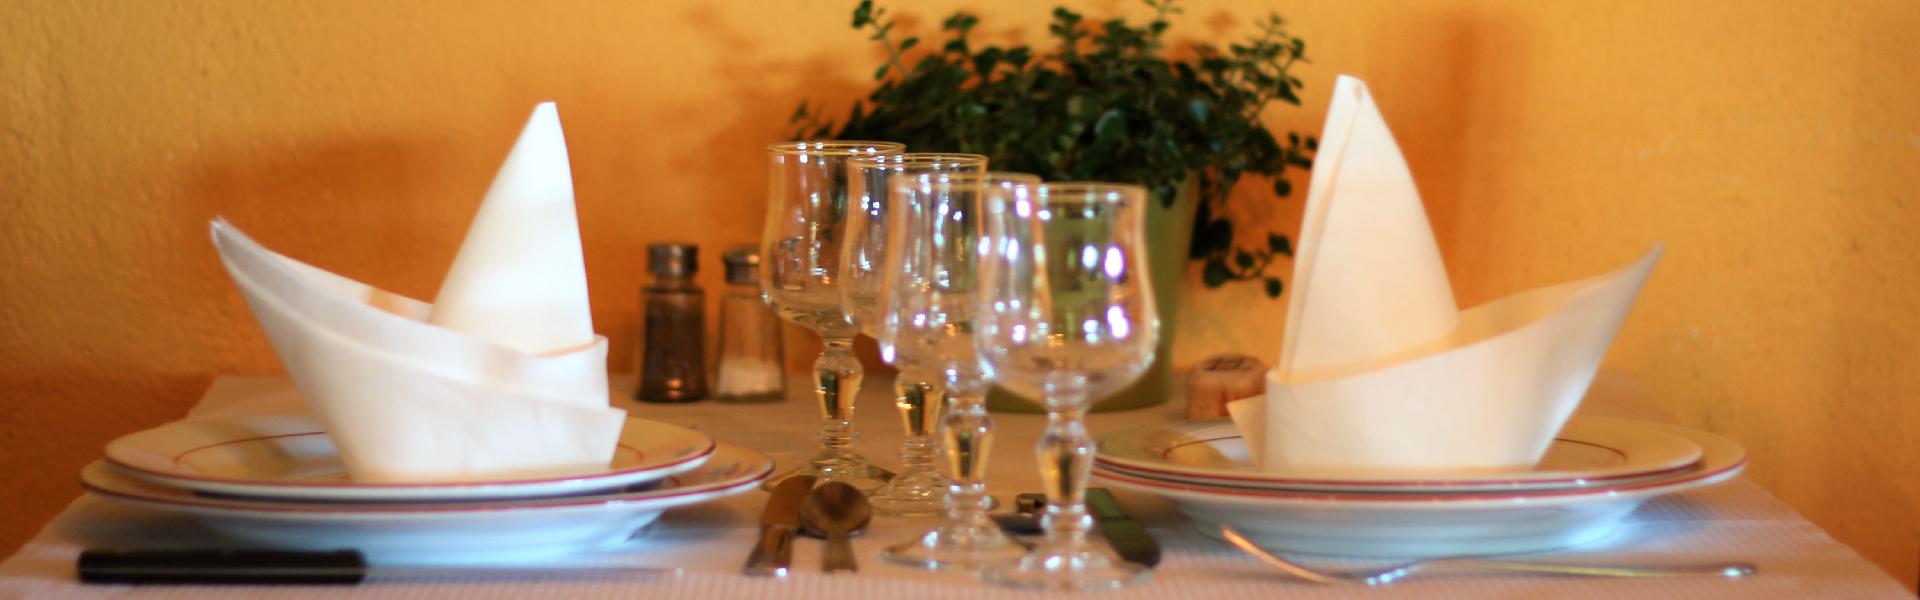 Table de la Ferme-Auberge Les Chênes